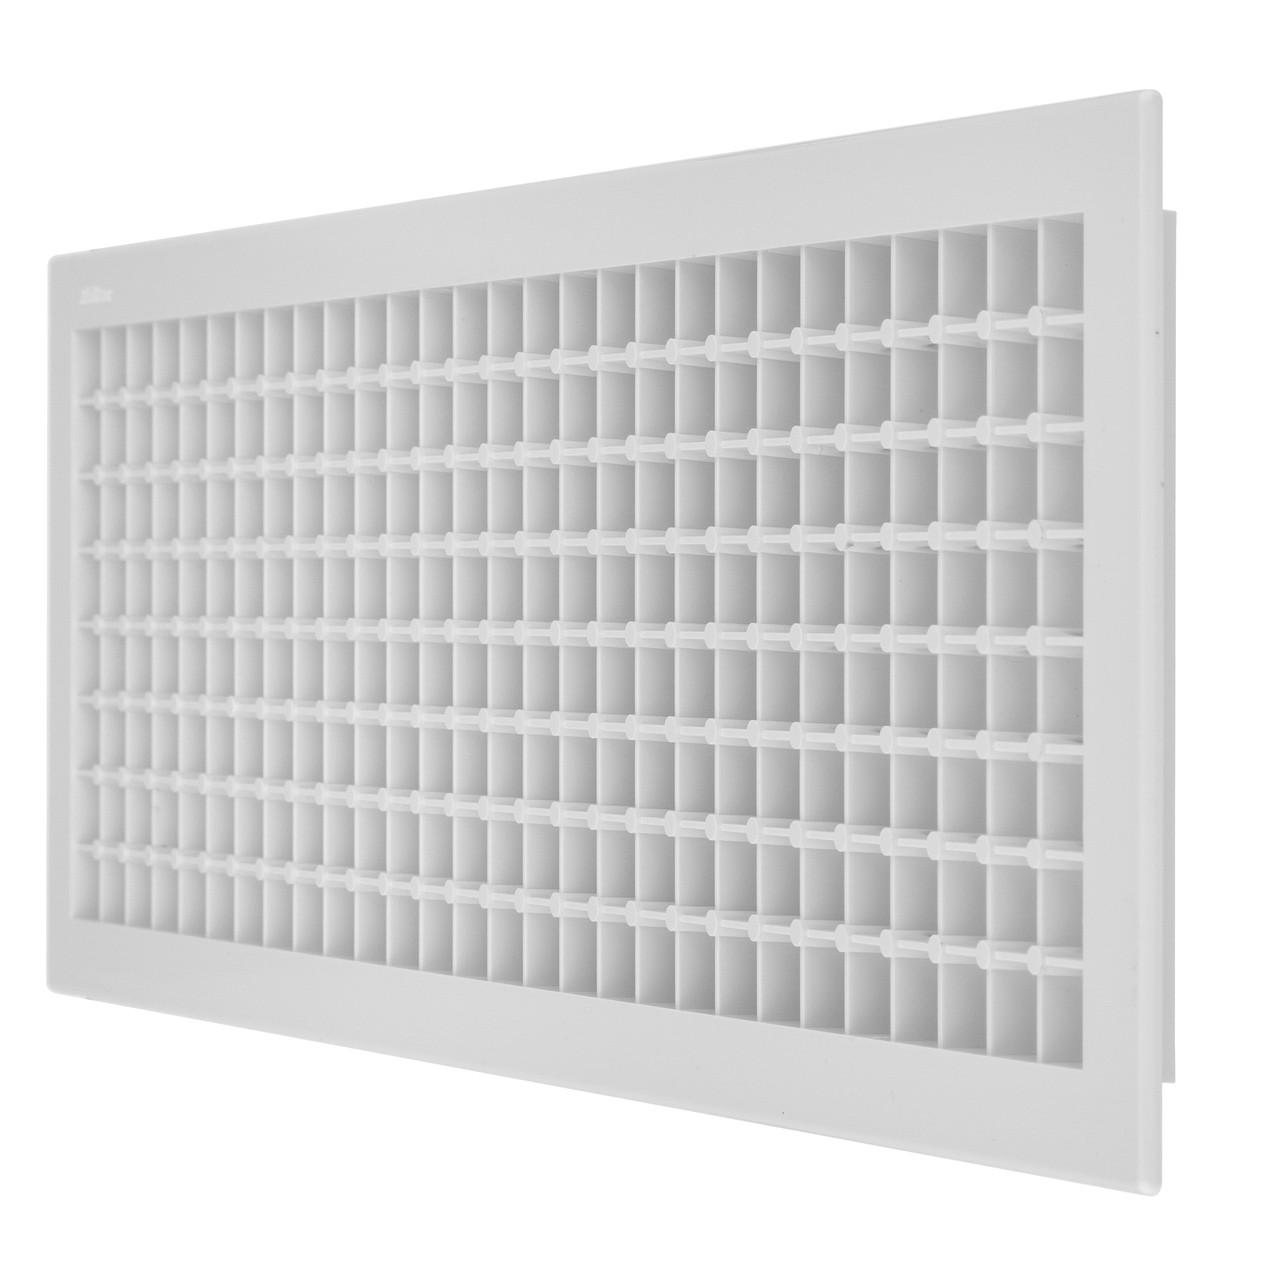 Вентиляционная решетка (полистирол УПМ) 600x210, без крепления